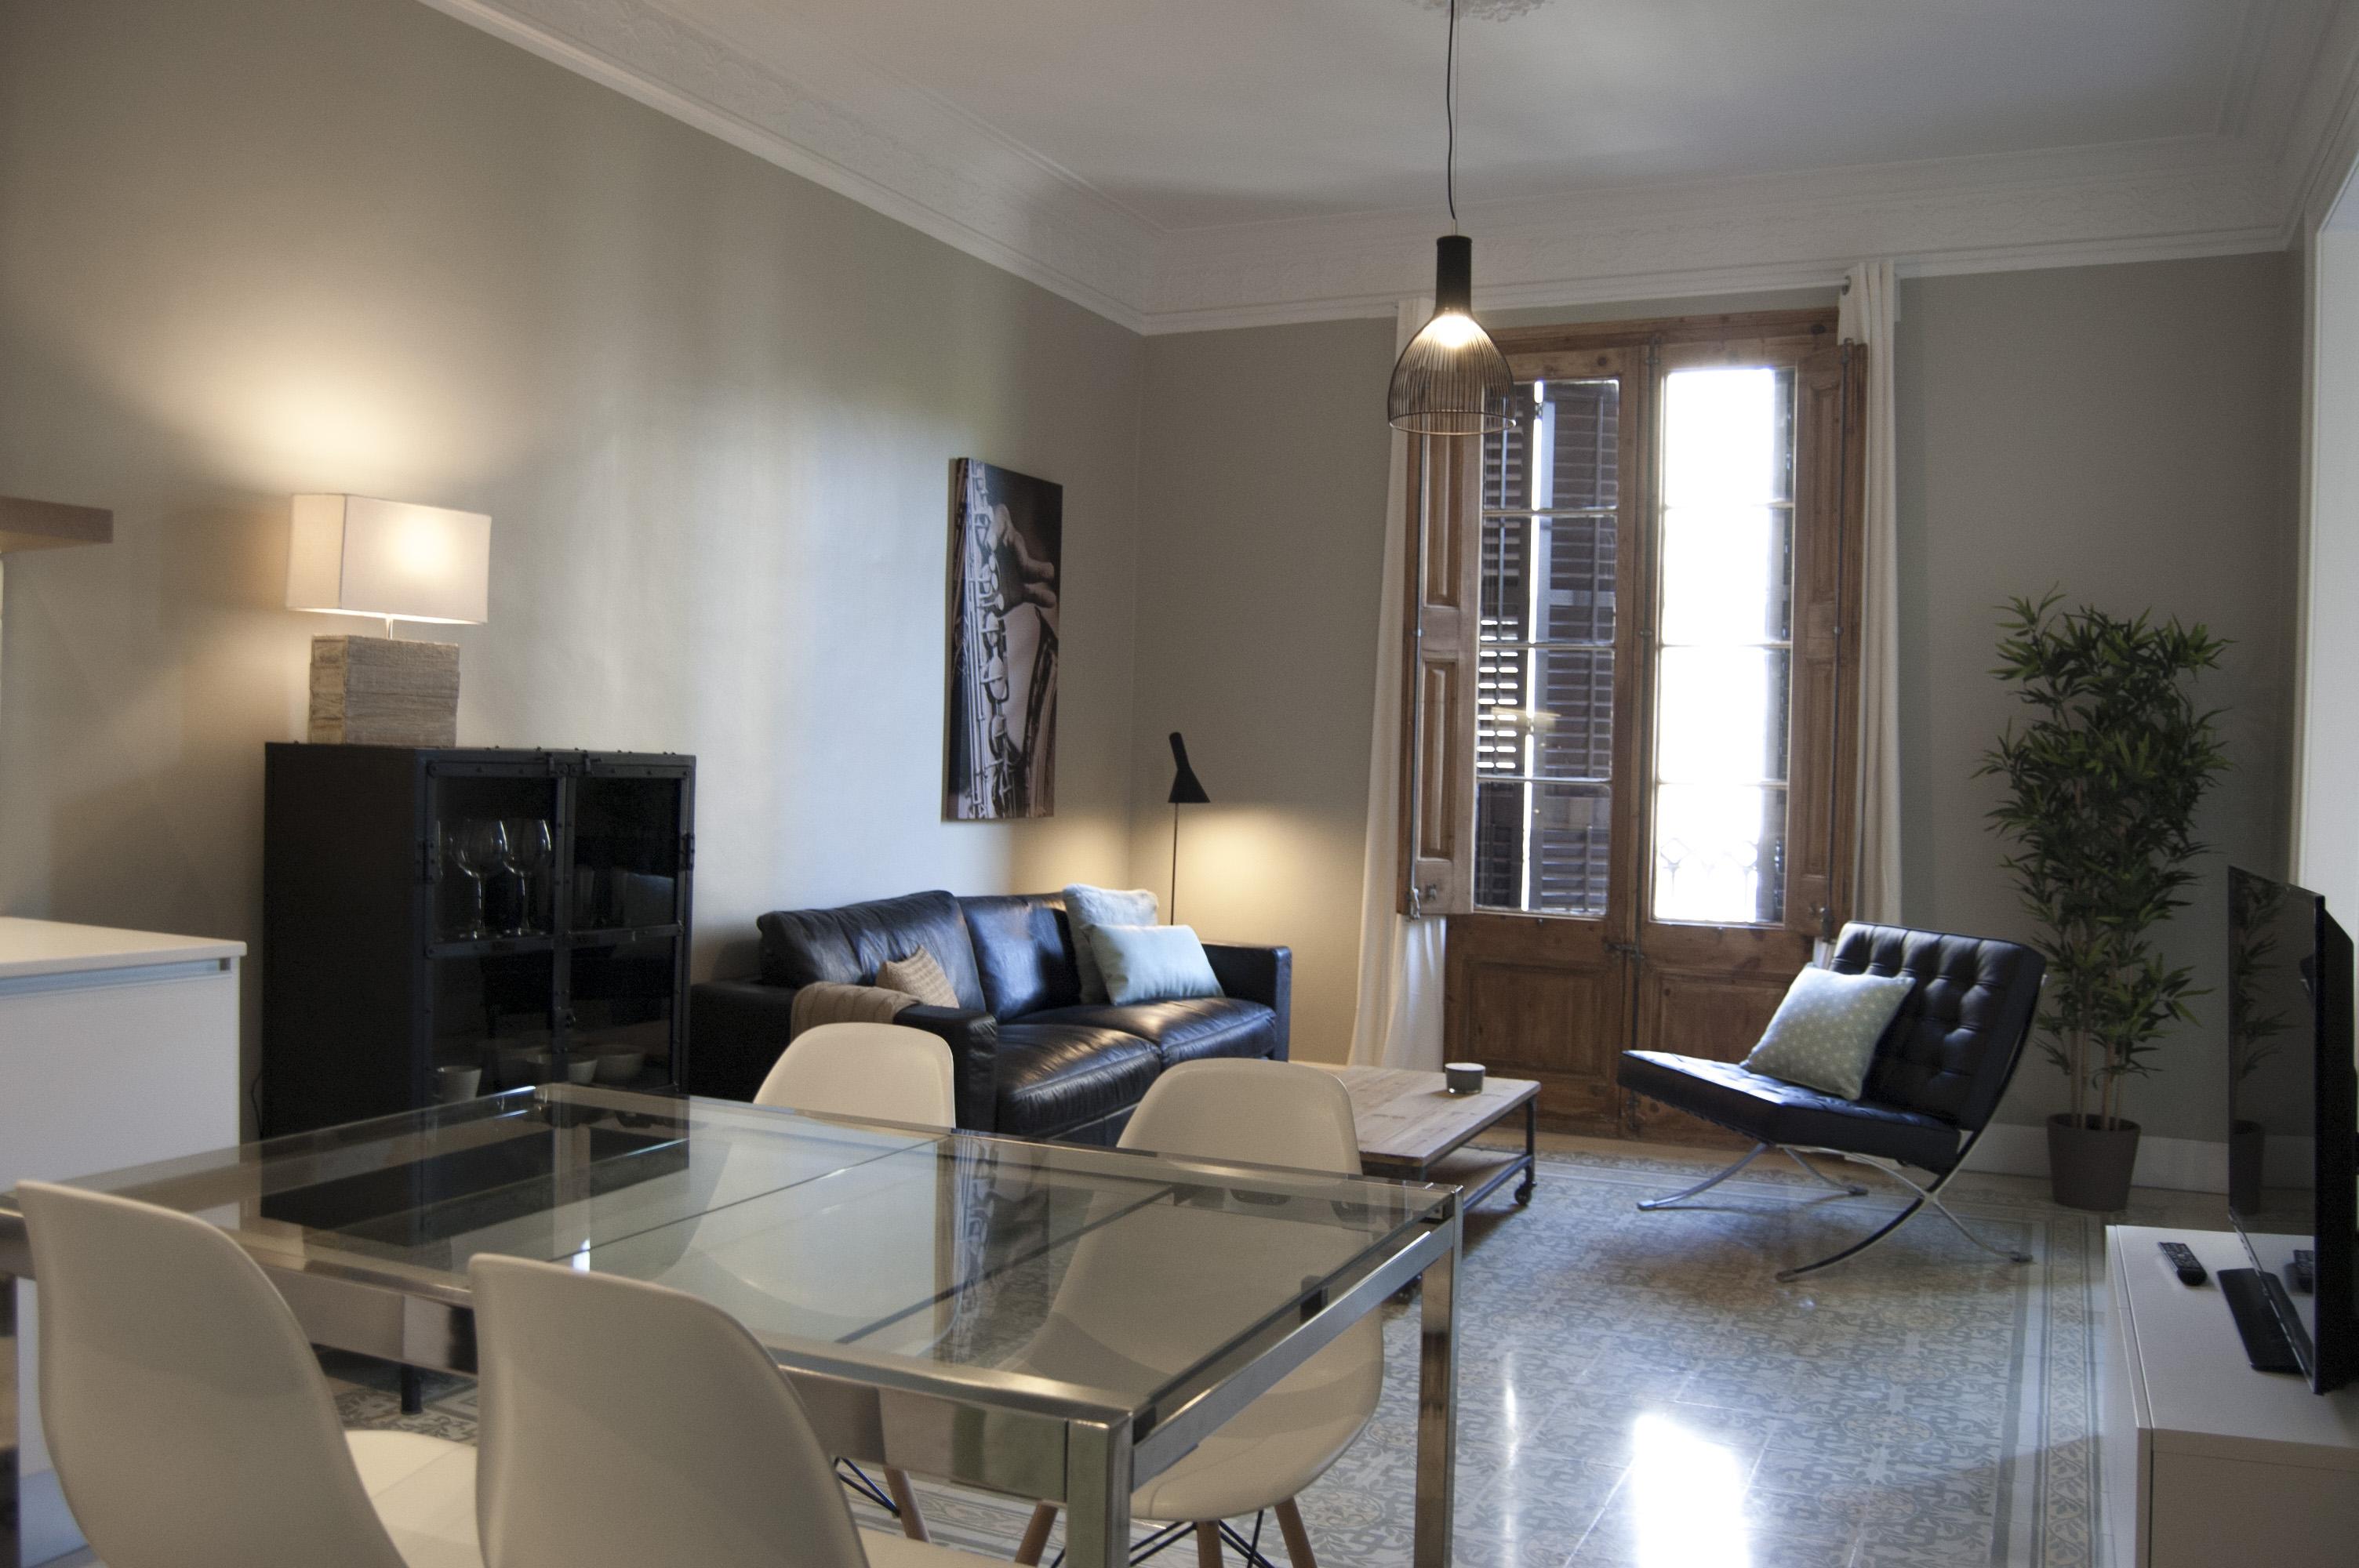 Trazo interiorismo apartamento tur stico 60m - Interiorismo low cost ...